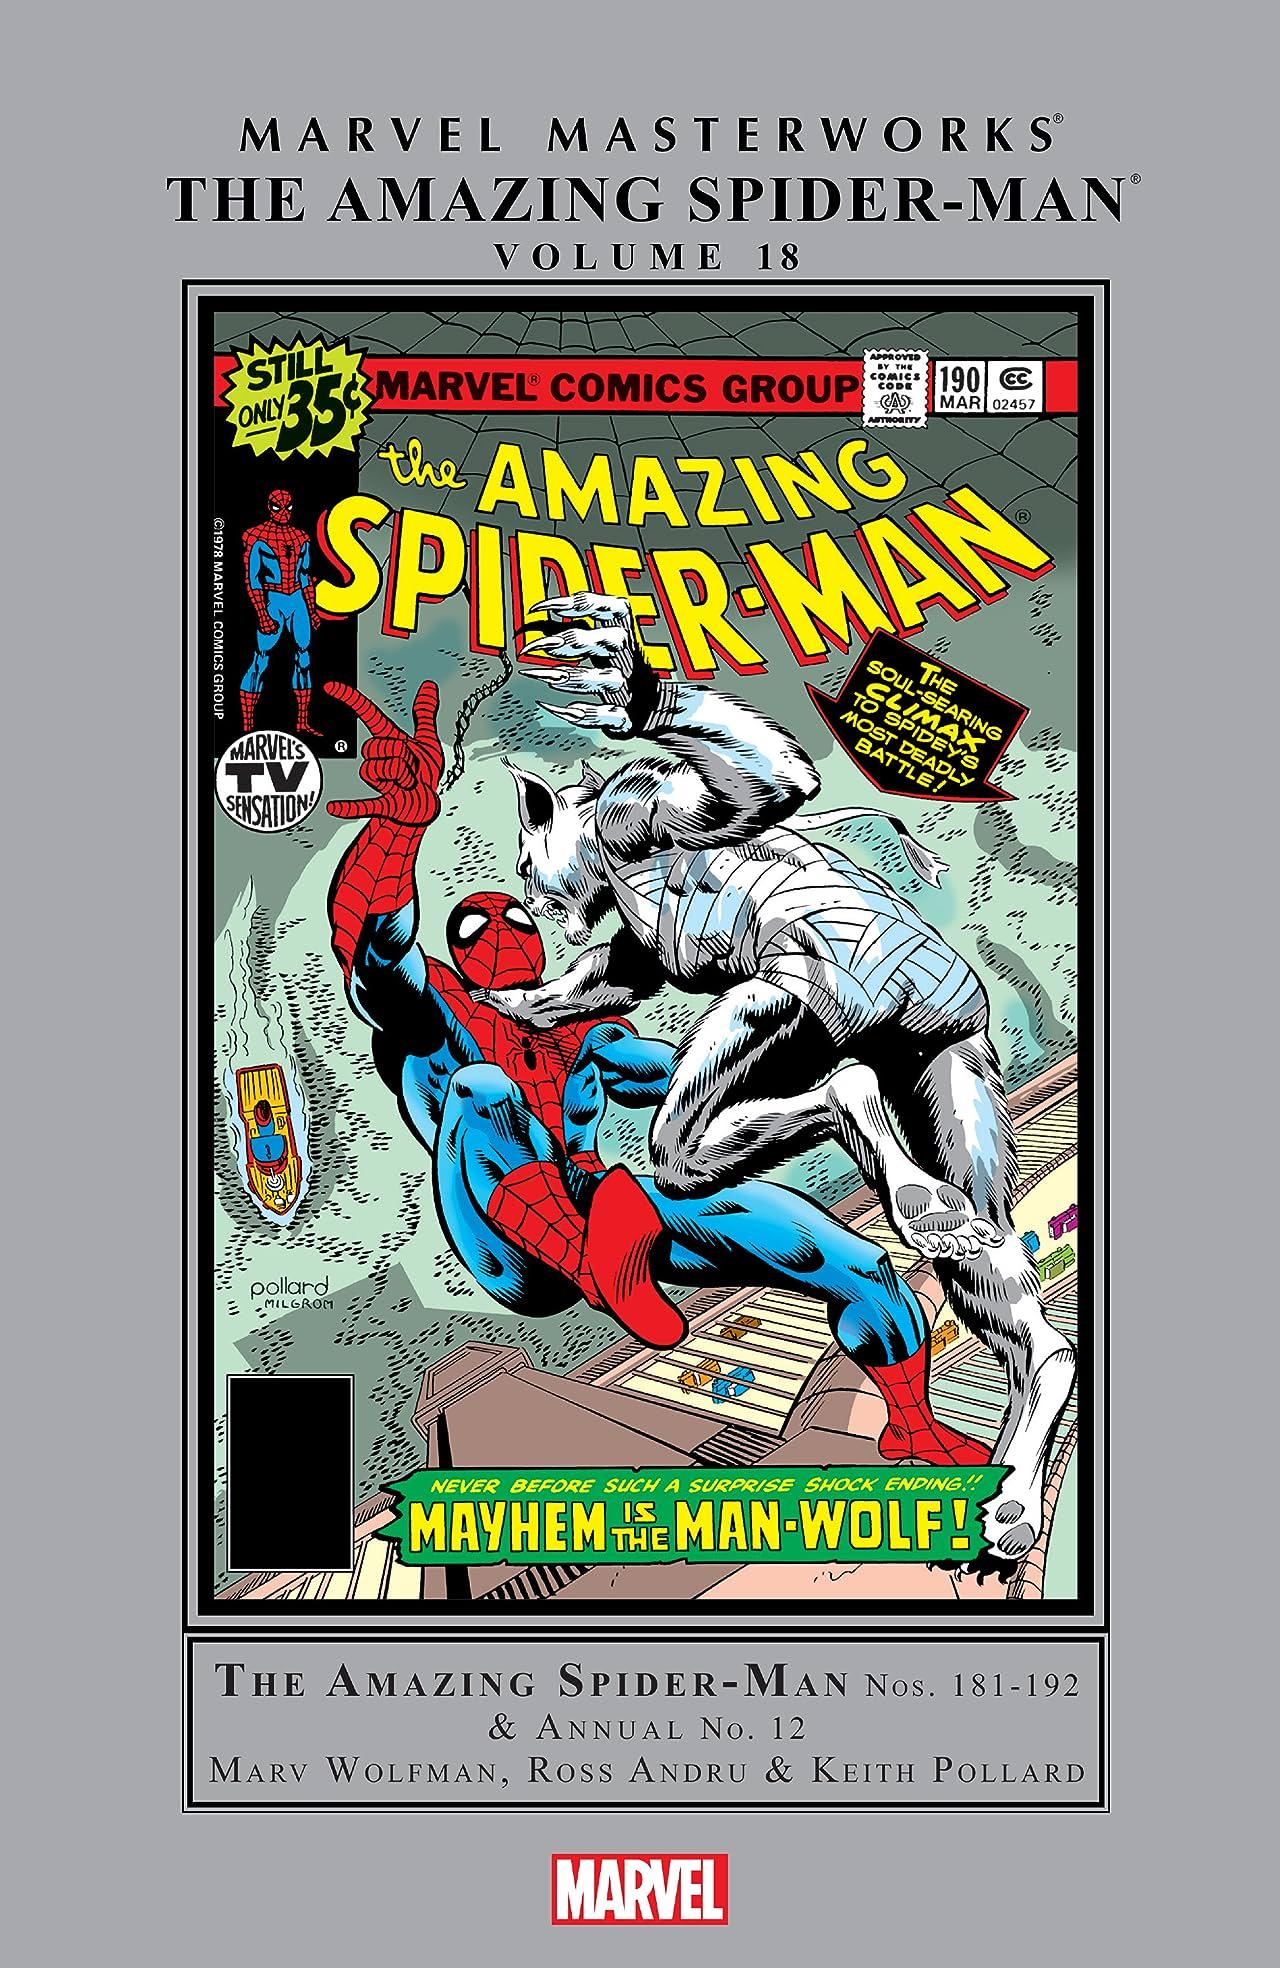 Amazing Spider-Man Masterworks Vol. 18